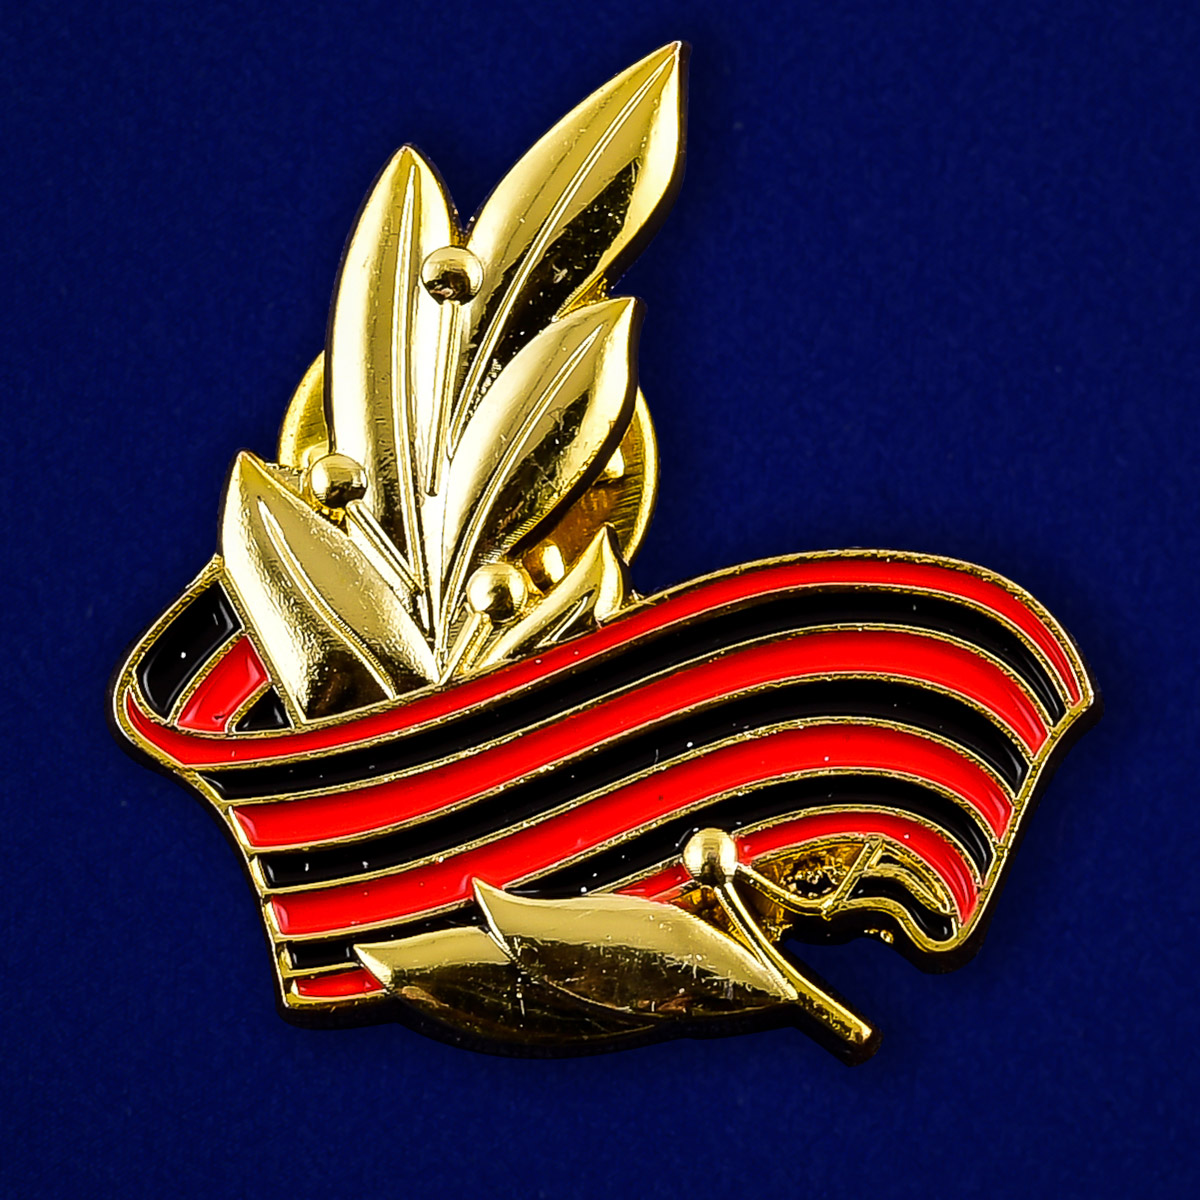 Значок Гвардейская Лента по цене 299 рублей